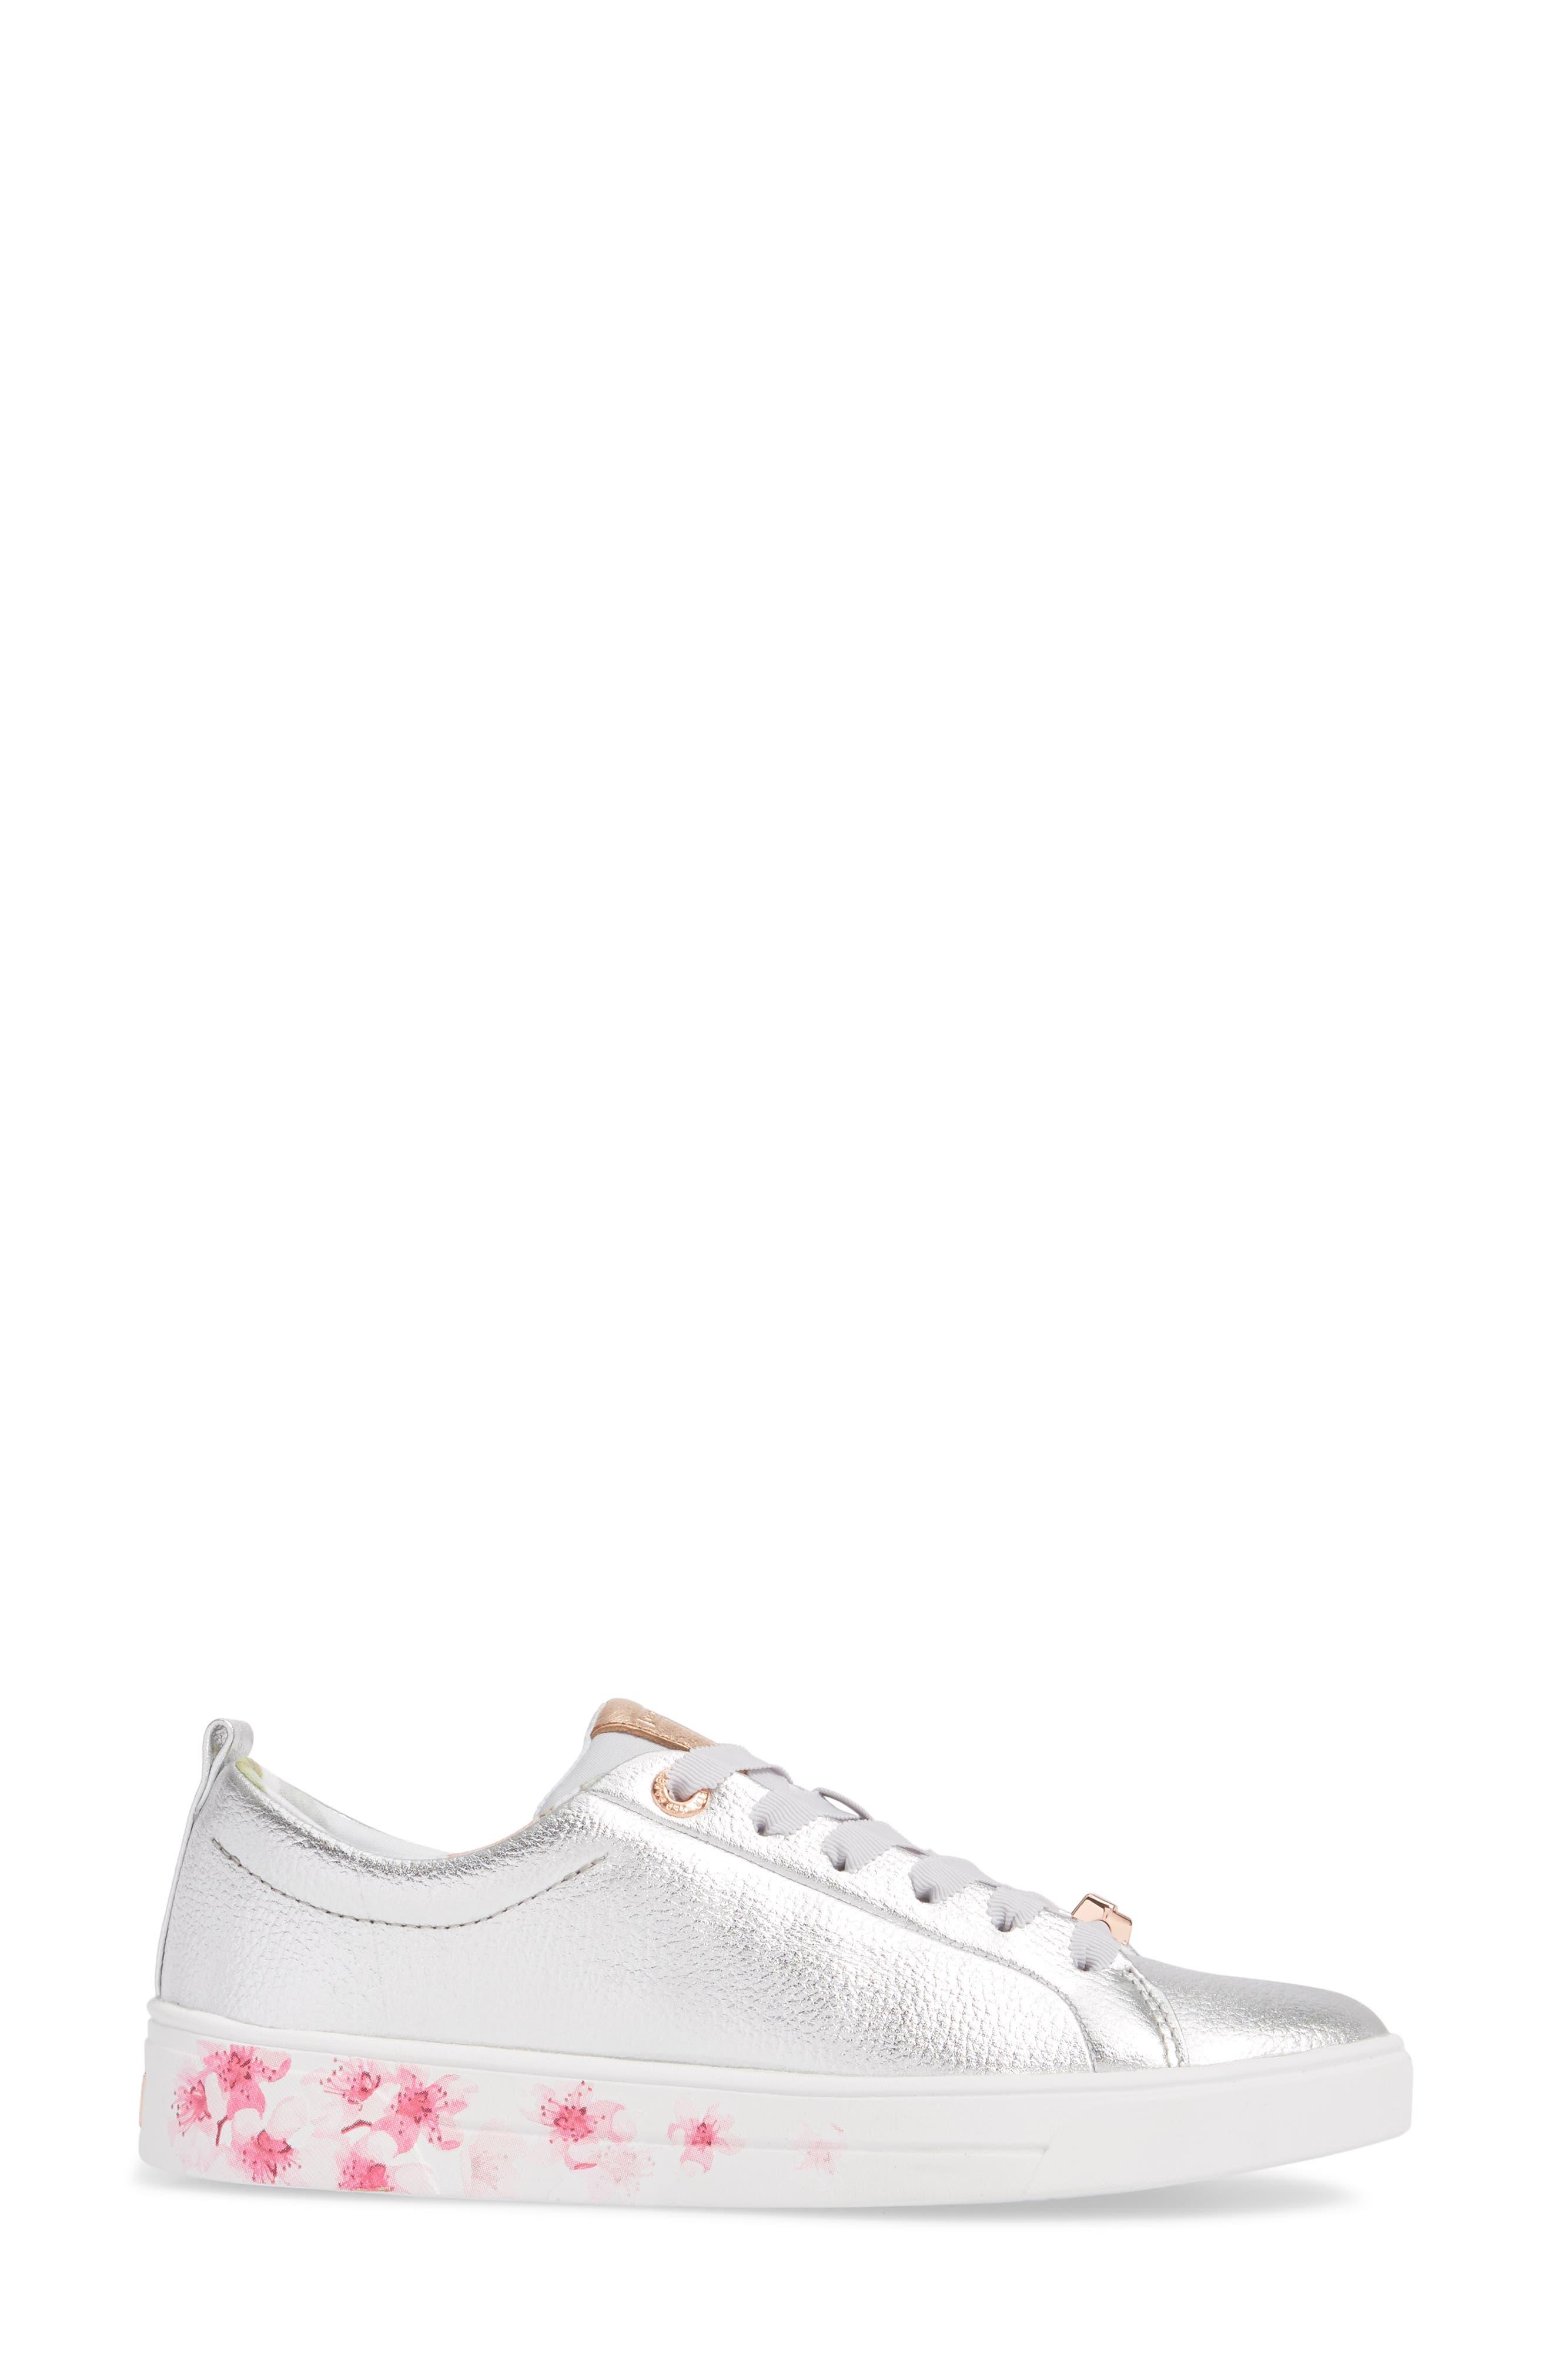 Kelleip Sneaker,                             Alternate thumbnail 3, color,                             047